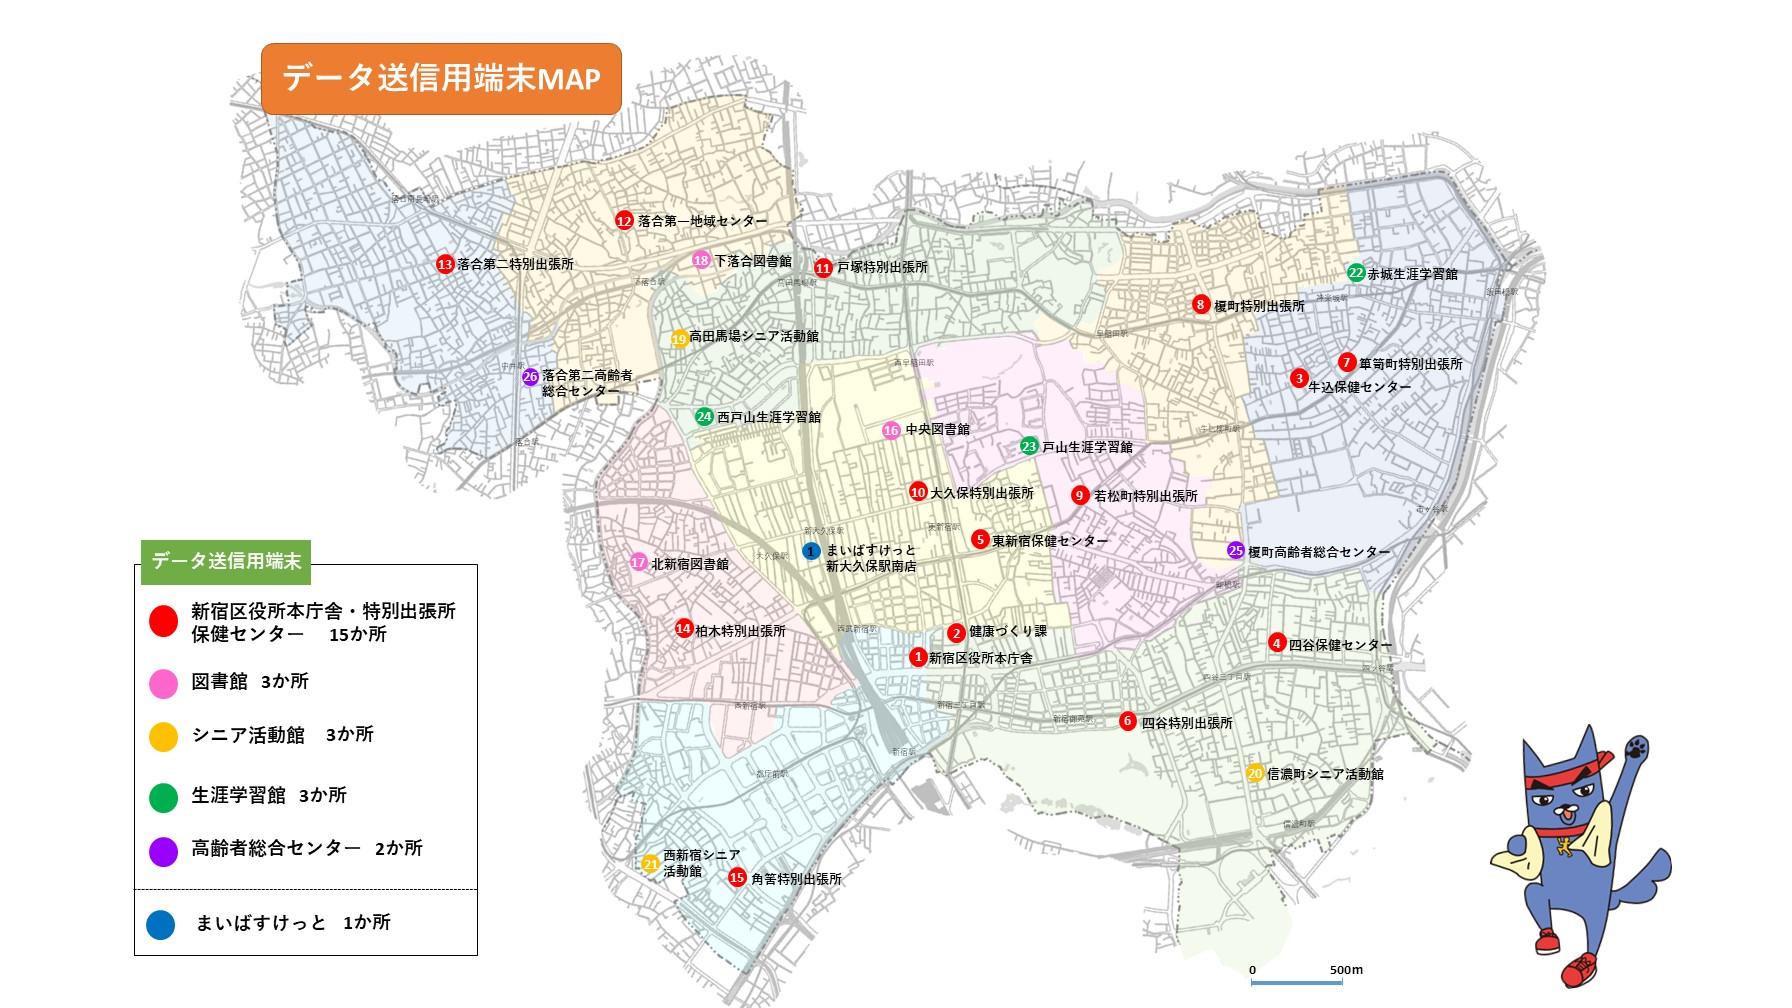 データ送信用端末MAP